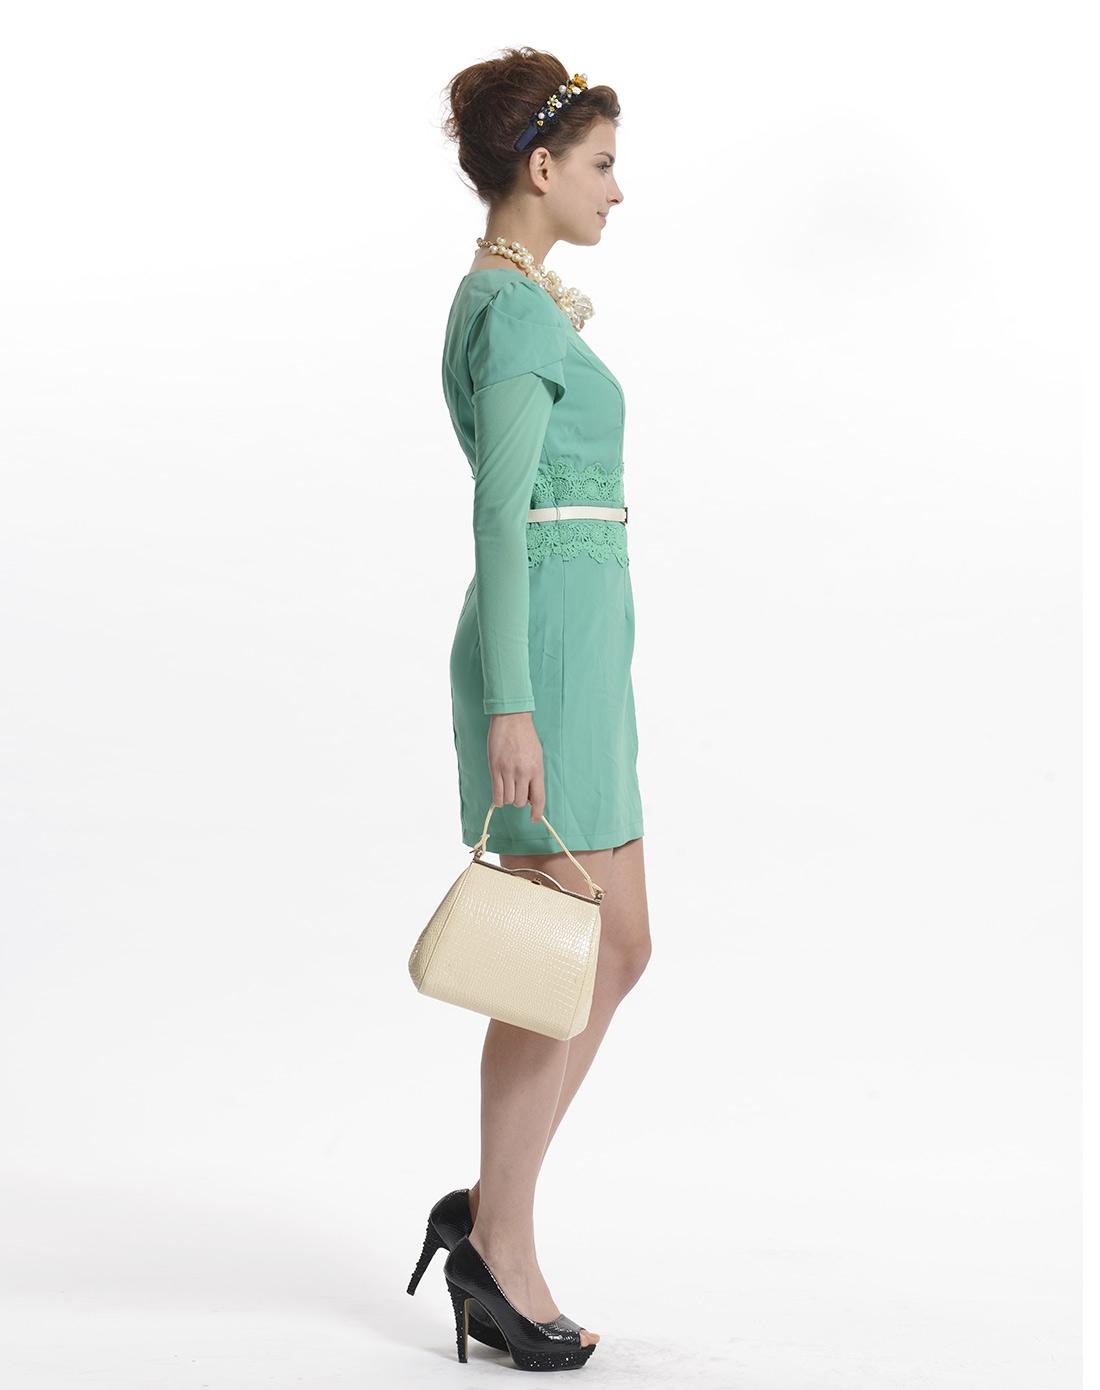 袖时尚_绿色郁金香型袖优雅时尚连衣裙